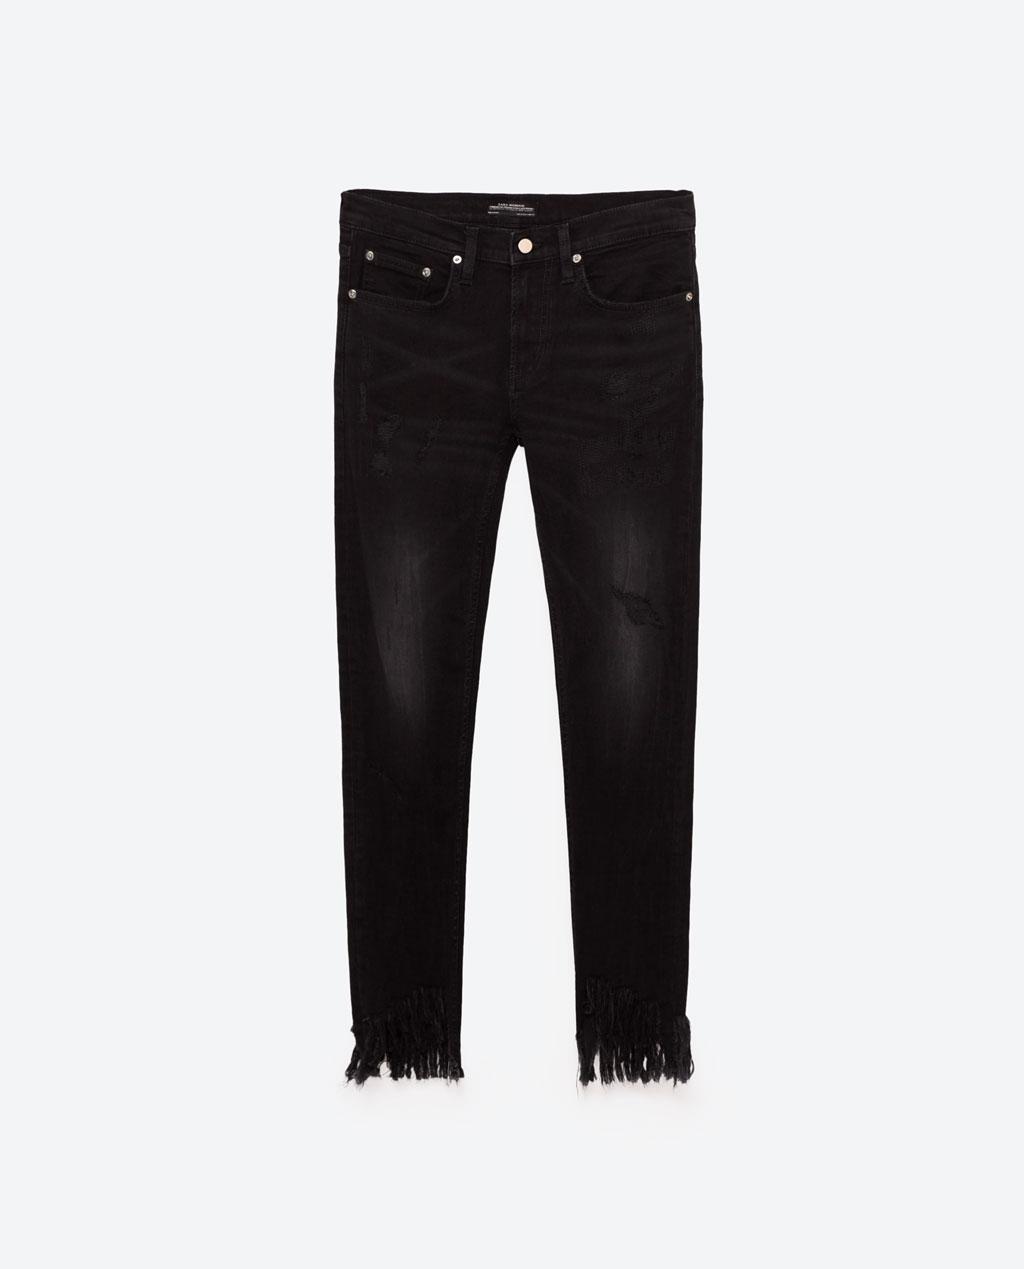 http://www.zara.com/us/en/sale/woman/jeans/relaxed-fit/slim-boyfriend-jeans-c795034p4006520.html